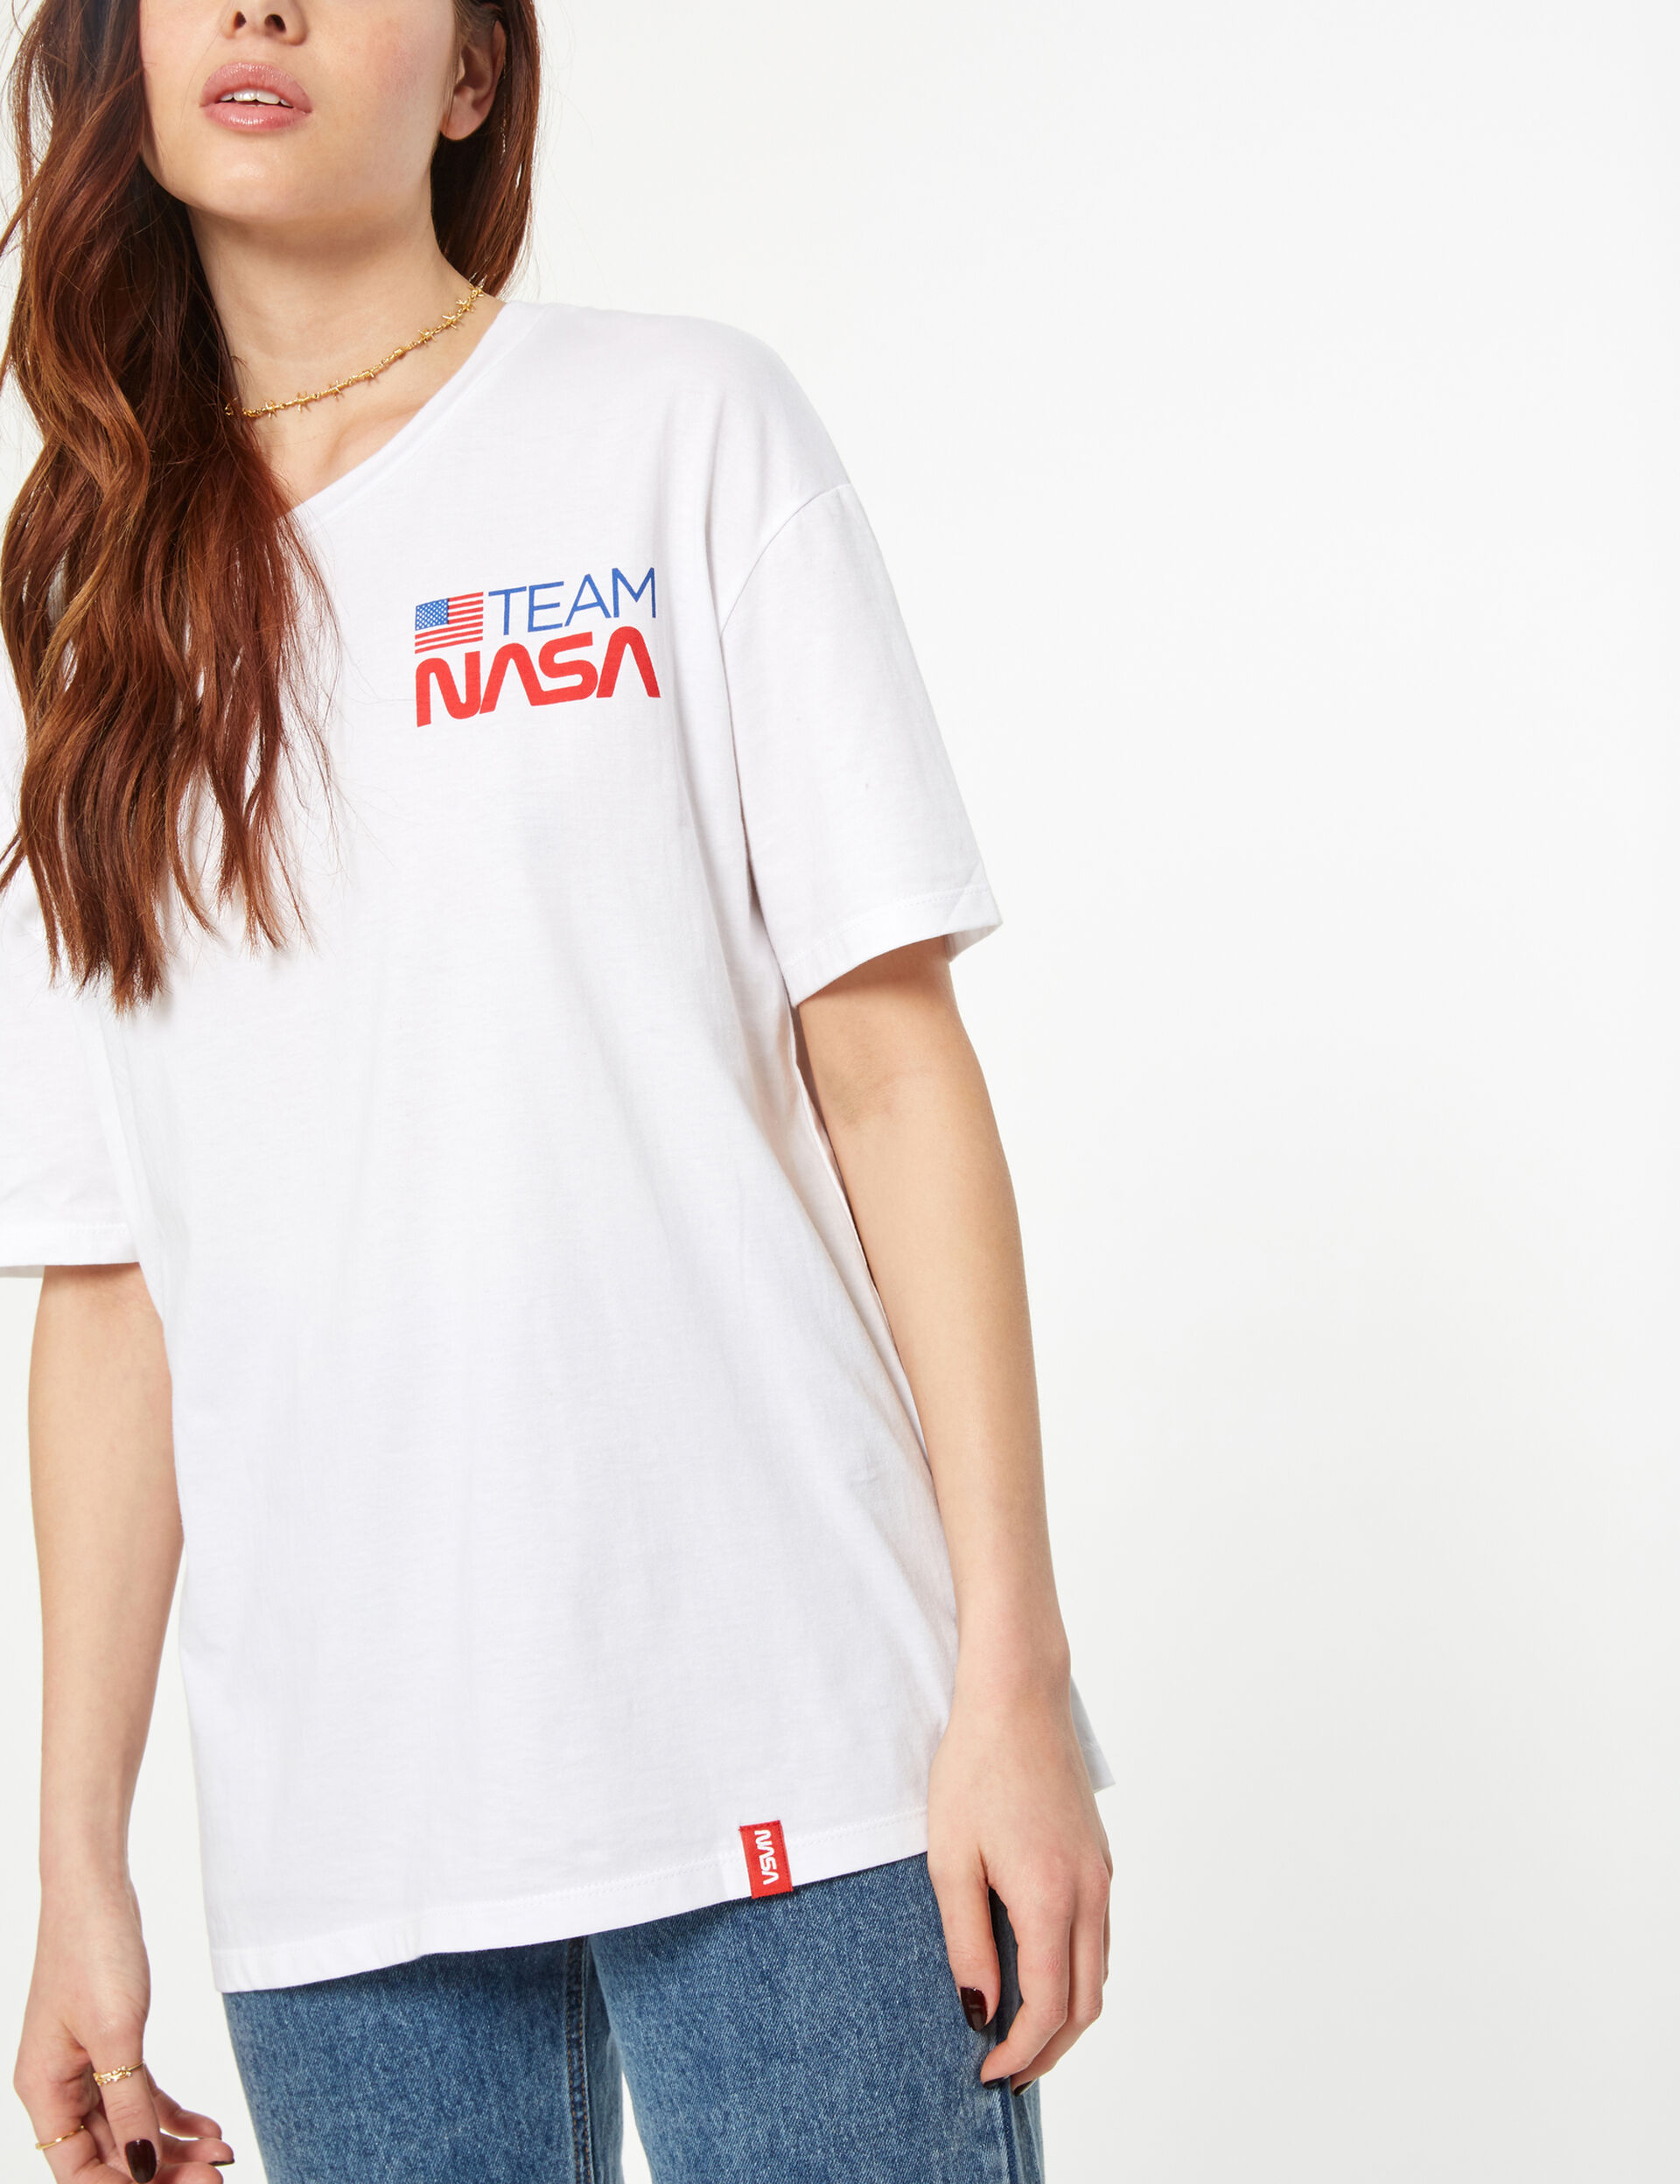 Tee-shirt oversize NASA